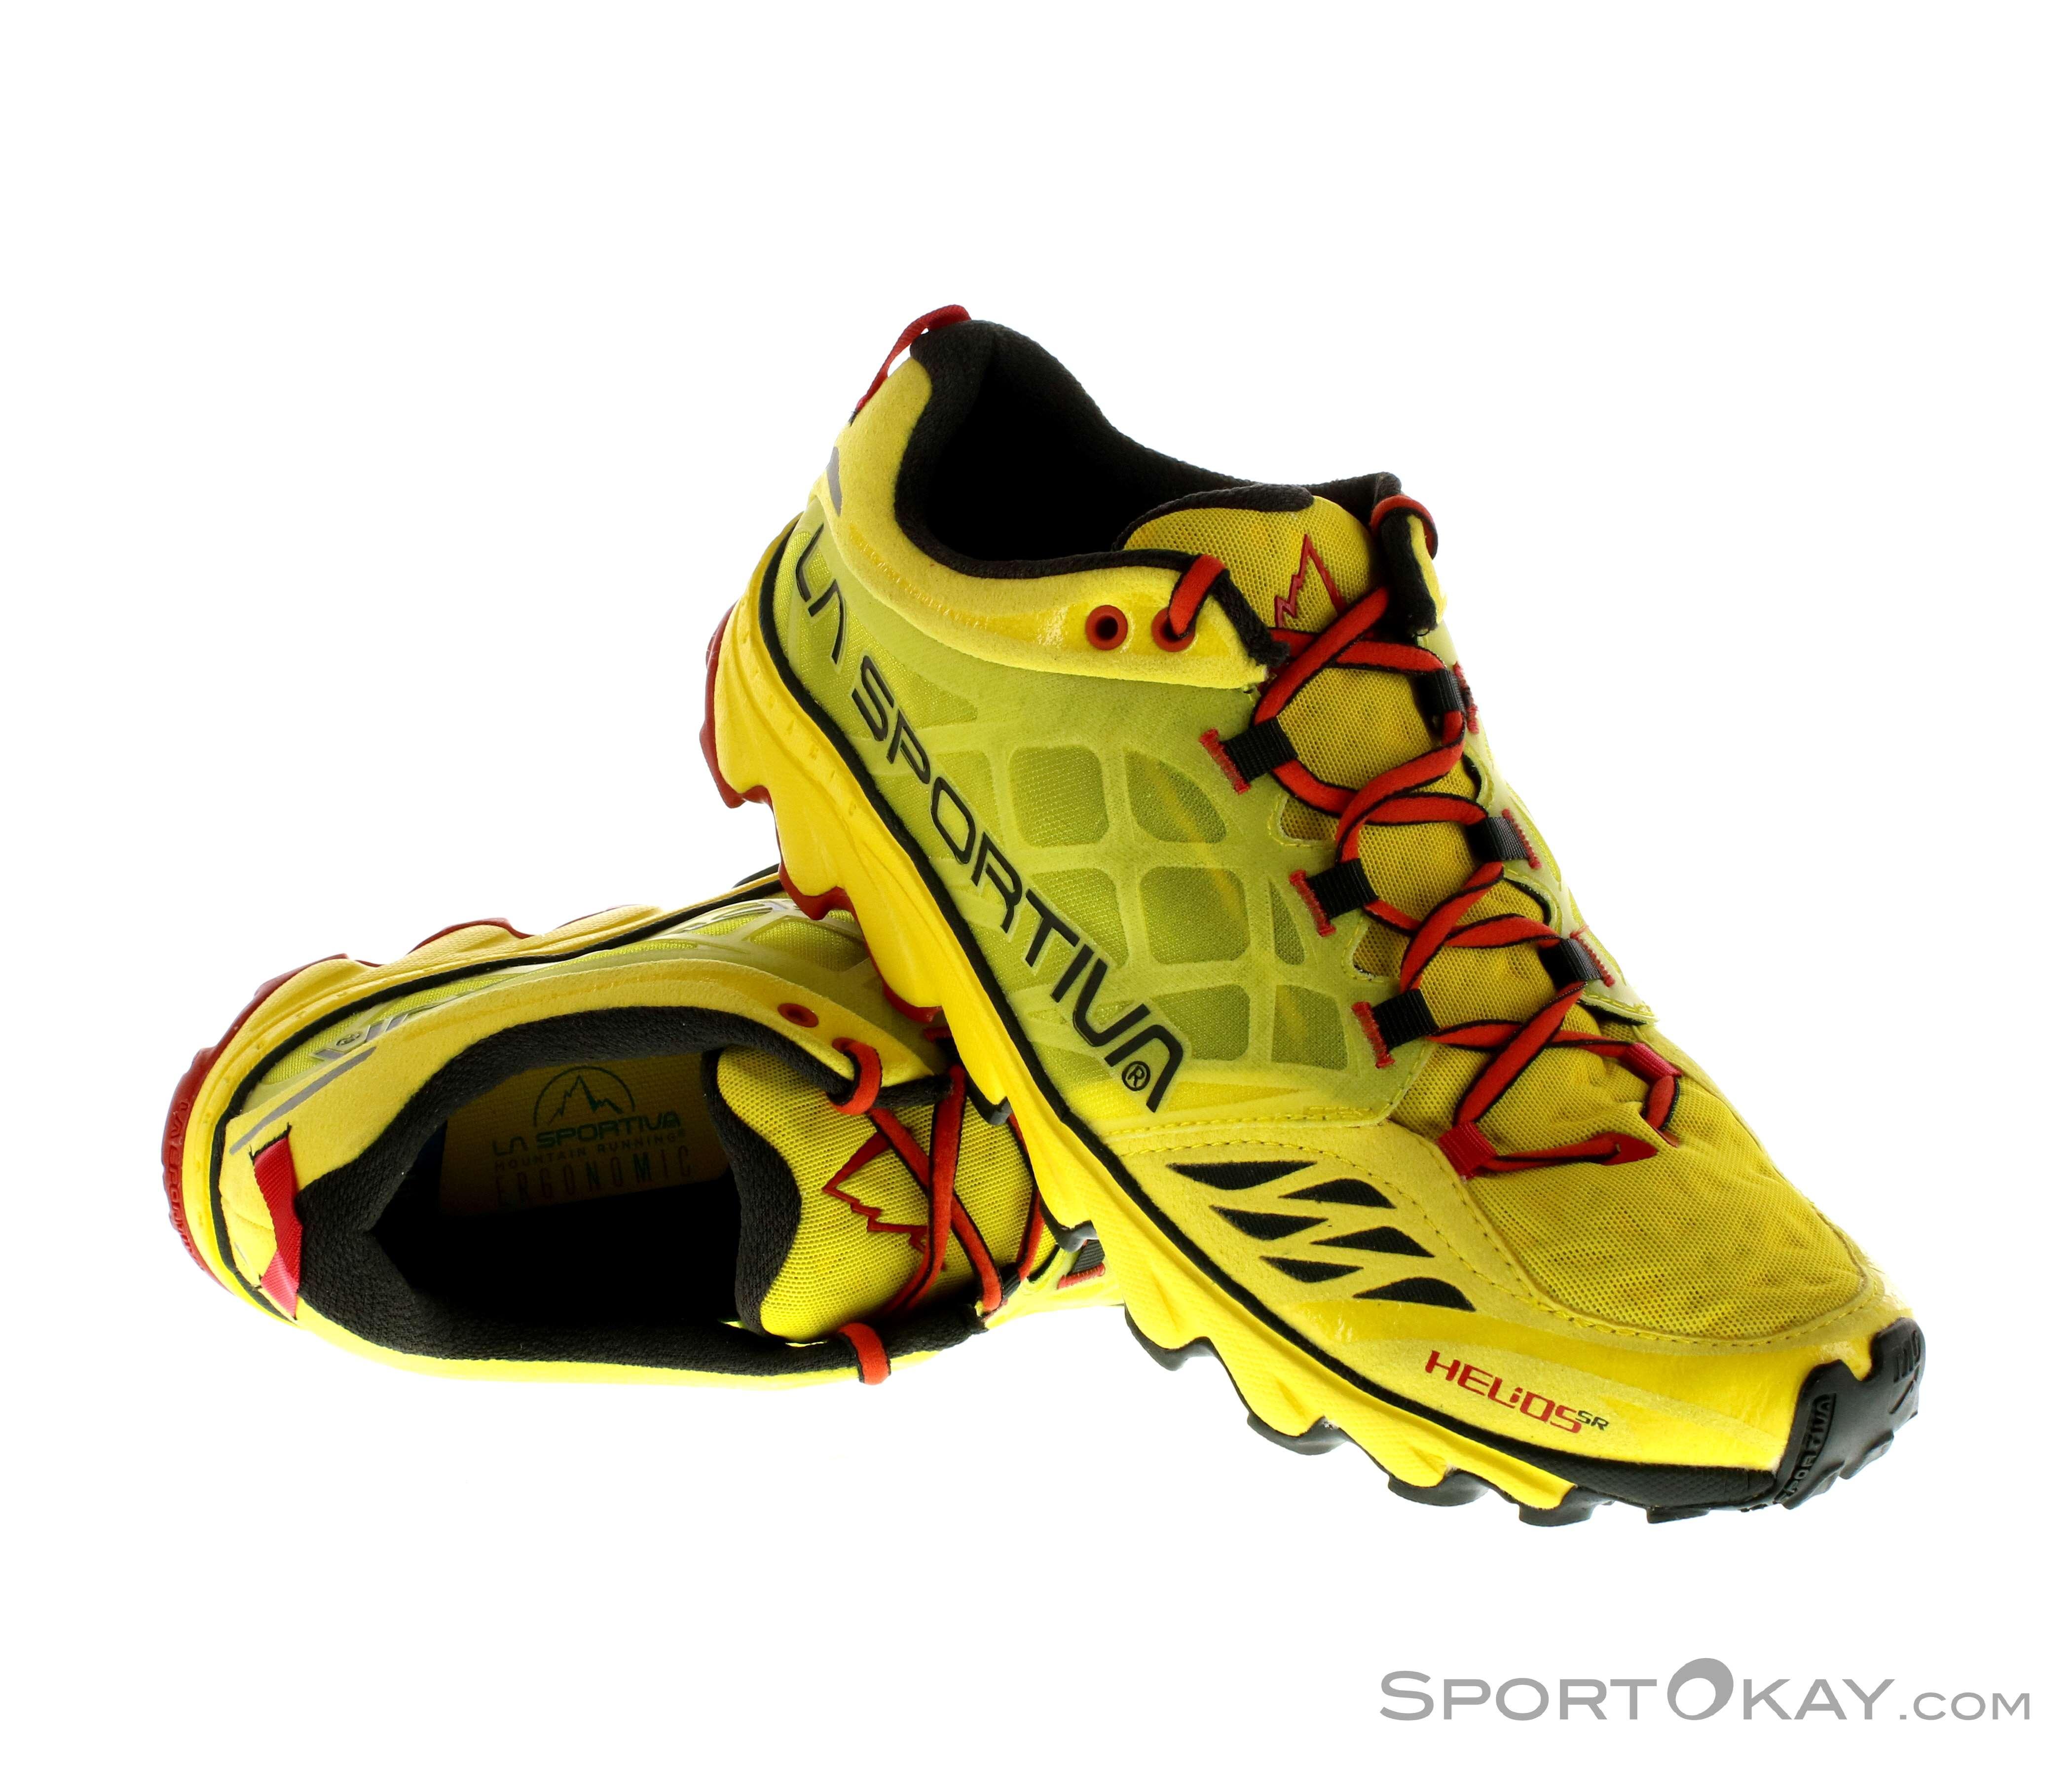 La Trail Scarpe Sr Da Running Sportiva Uomo Helios rxYqwgrnPR